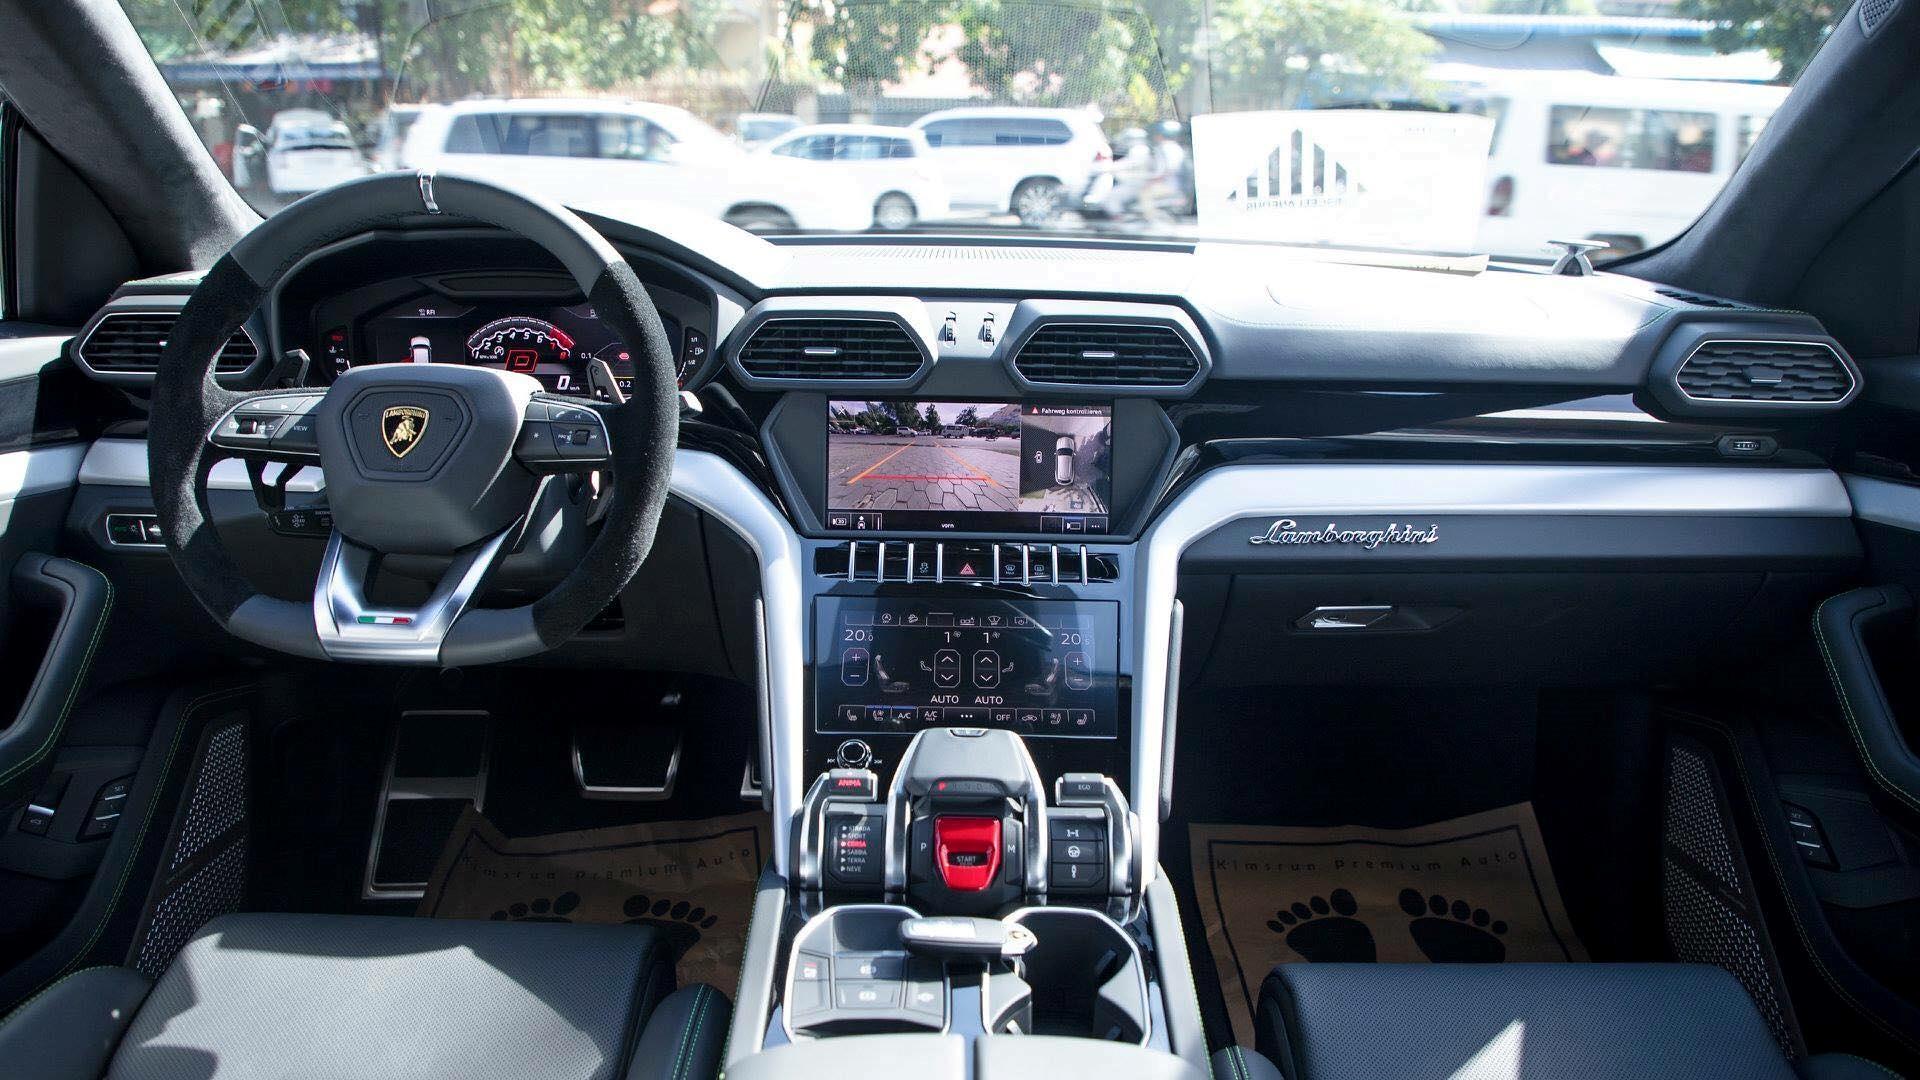 Cận cảnh 'siêu SUV' Lamborghini Urus thứ ba đặt chân đến Campuchia Ảnh 7